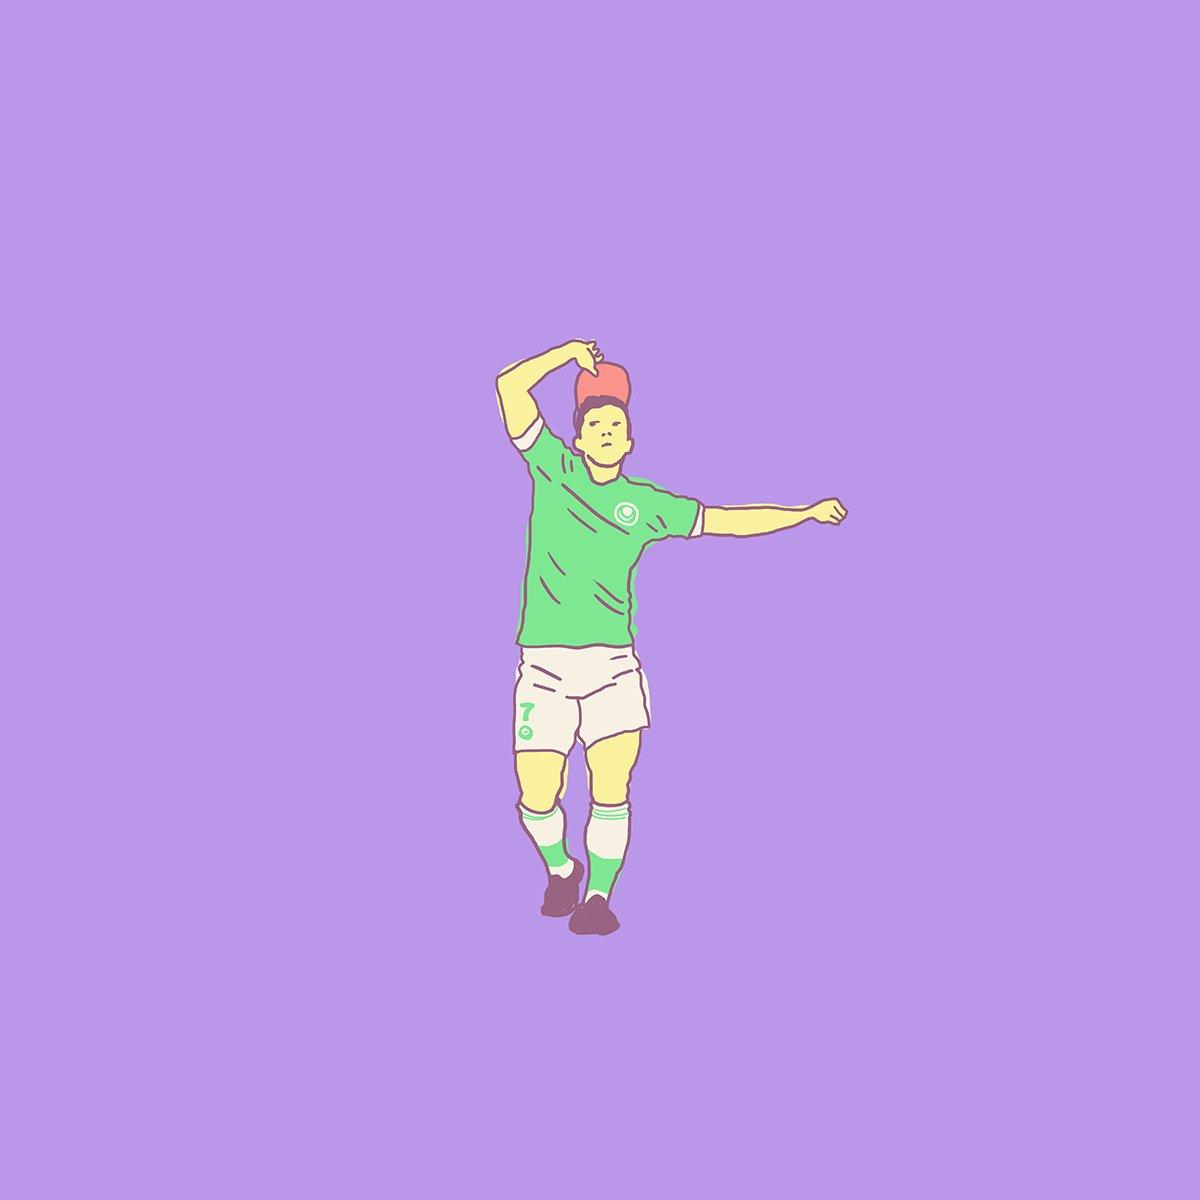 O mais baixo do time faz um gol de cabeça que destrói um tabu. Foi de tirar o chapéu, Dudu! #MemóriaAlviverde #ÉDerby  📷 @declassebr